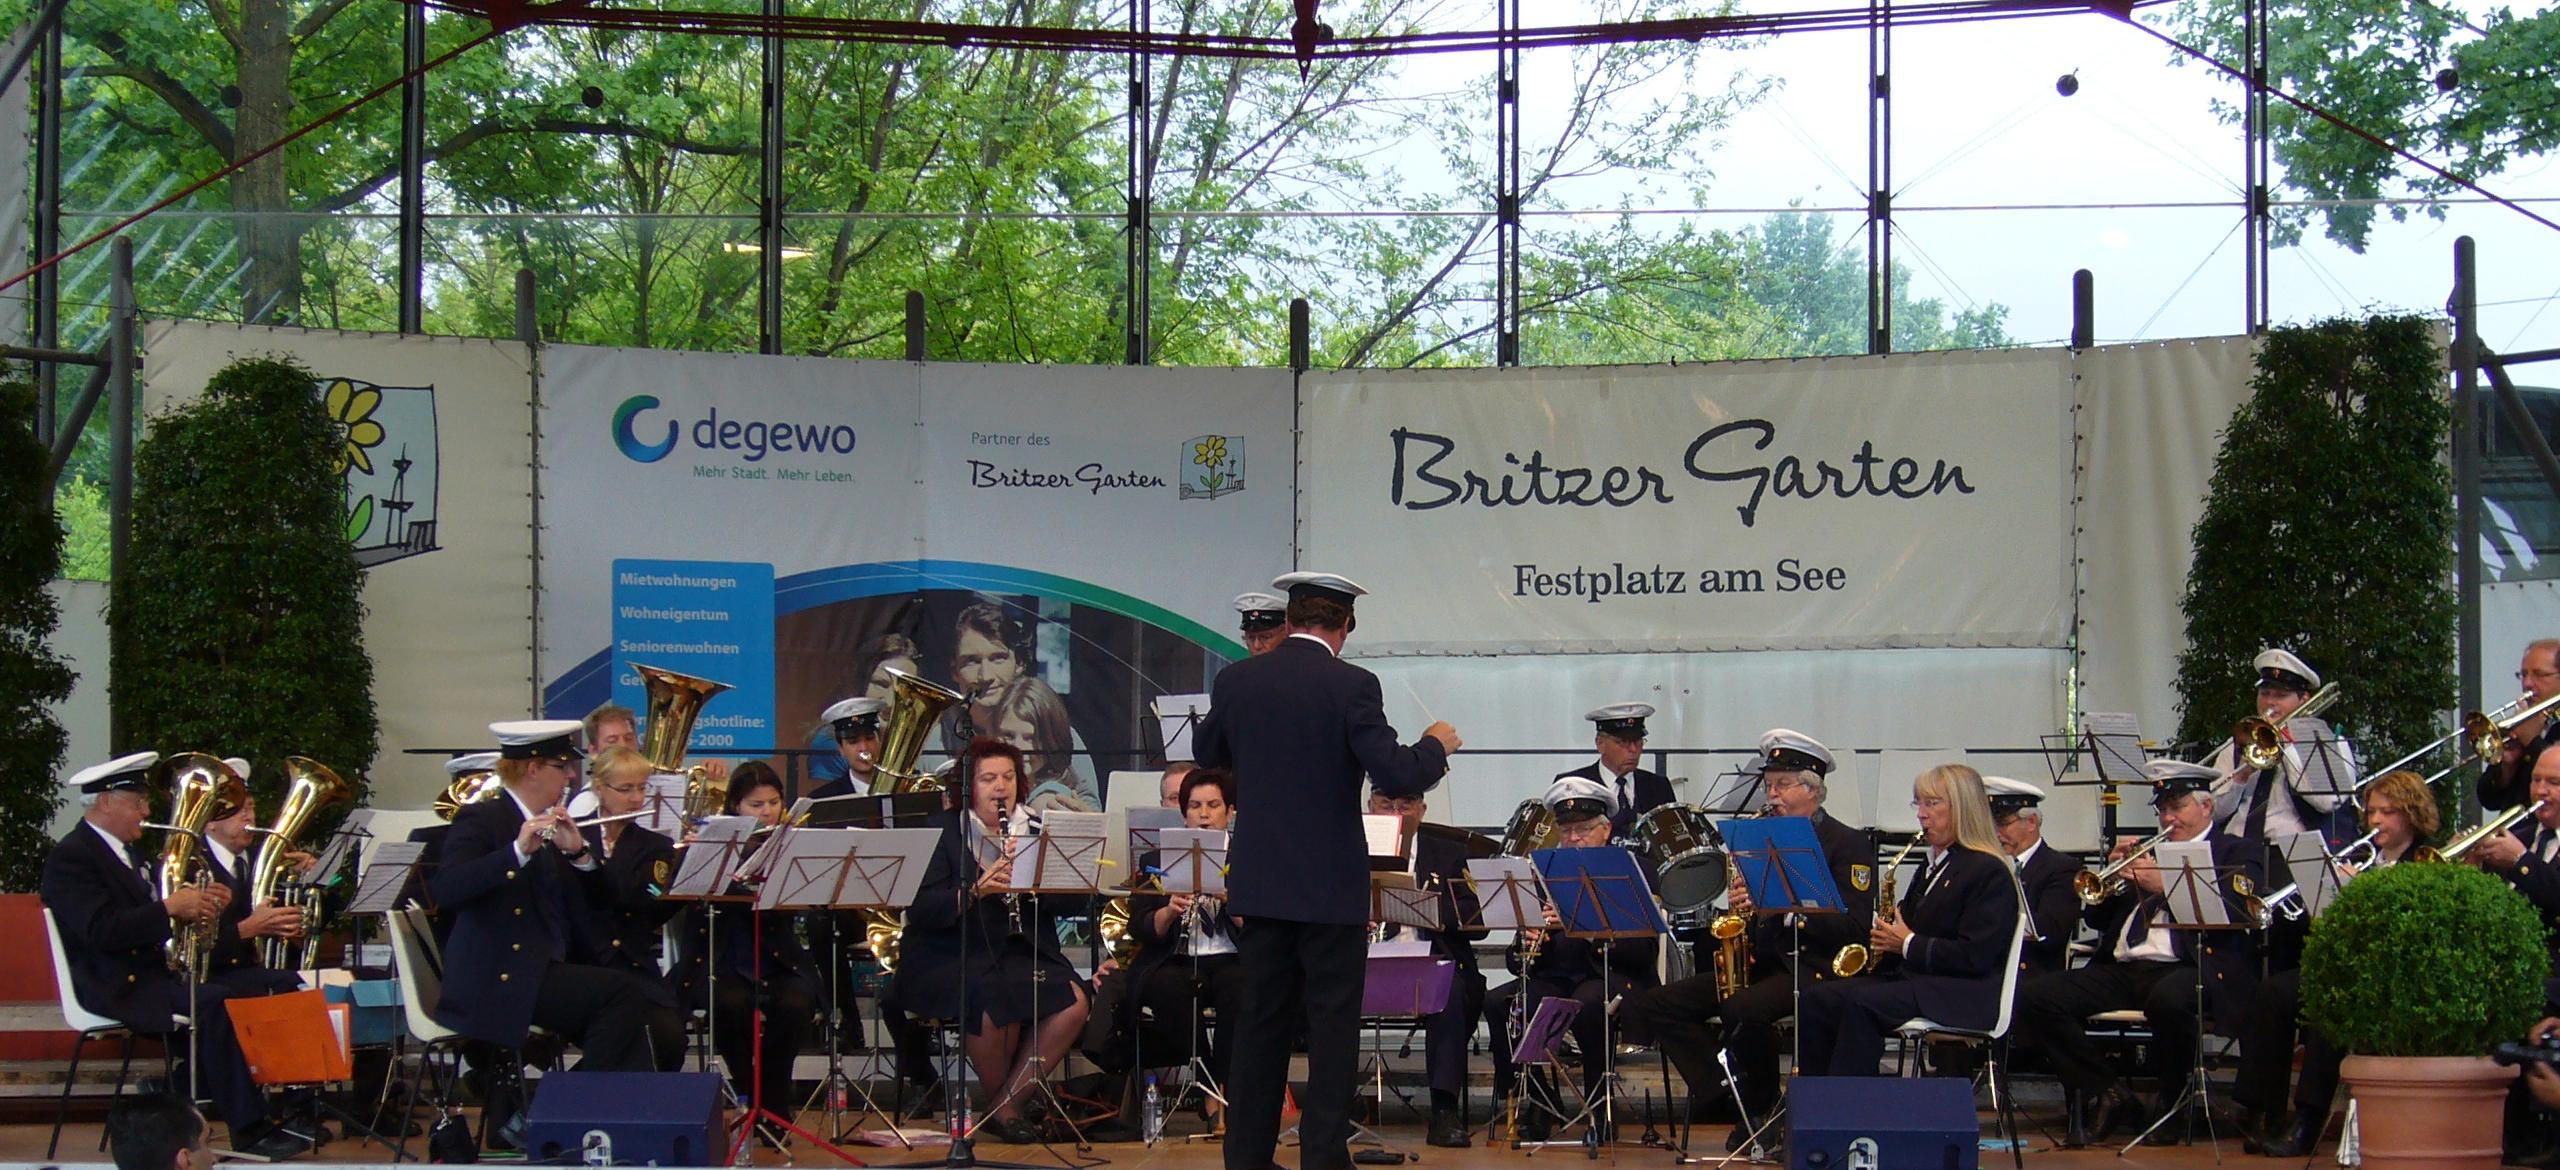 Auftritt 2009 in berlin britzer garten bundesgartenschaugelände